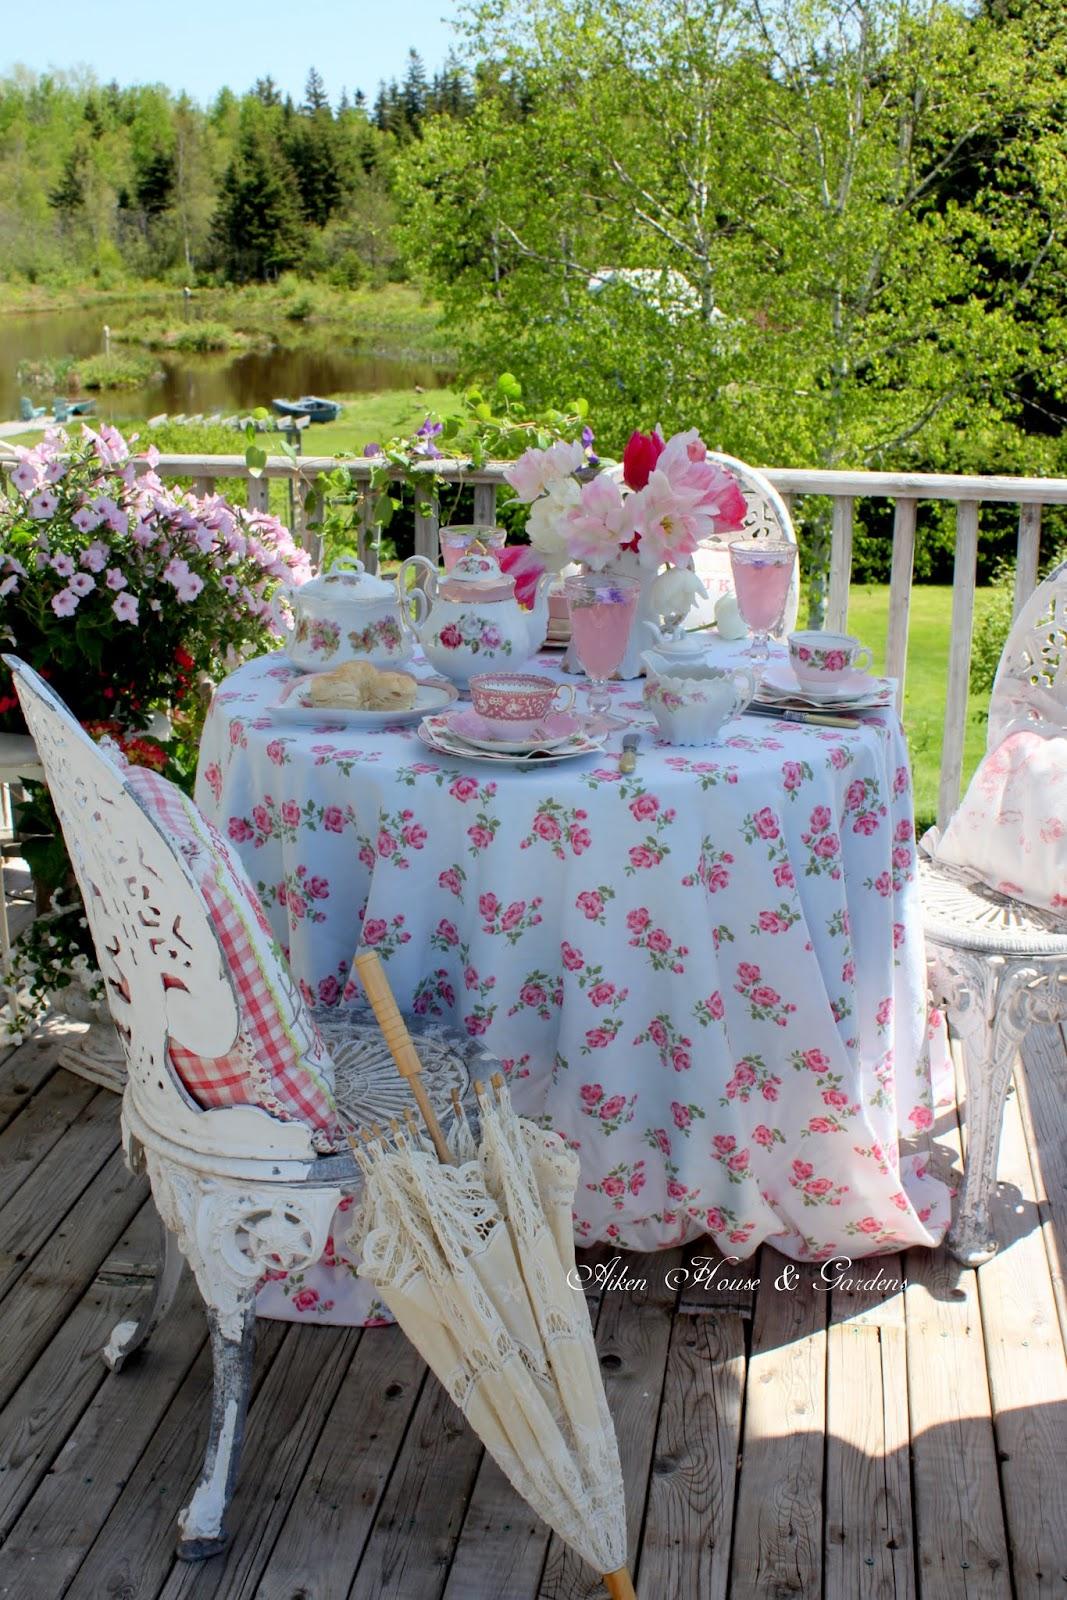 Aiken house gardens romantic pink balcony tea for Aiken house